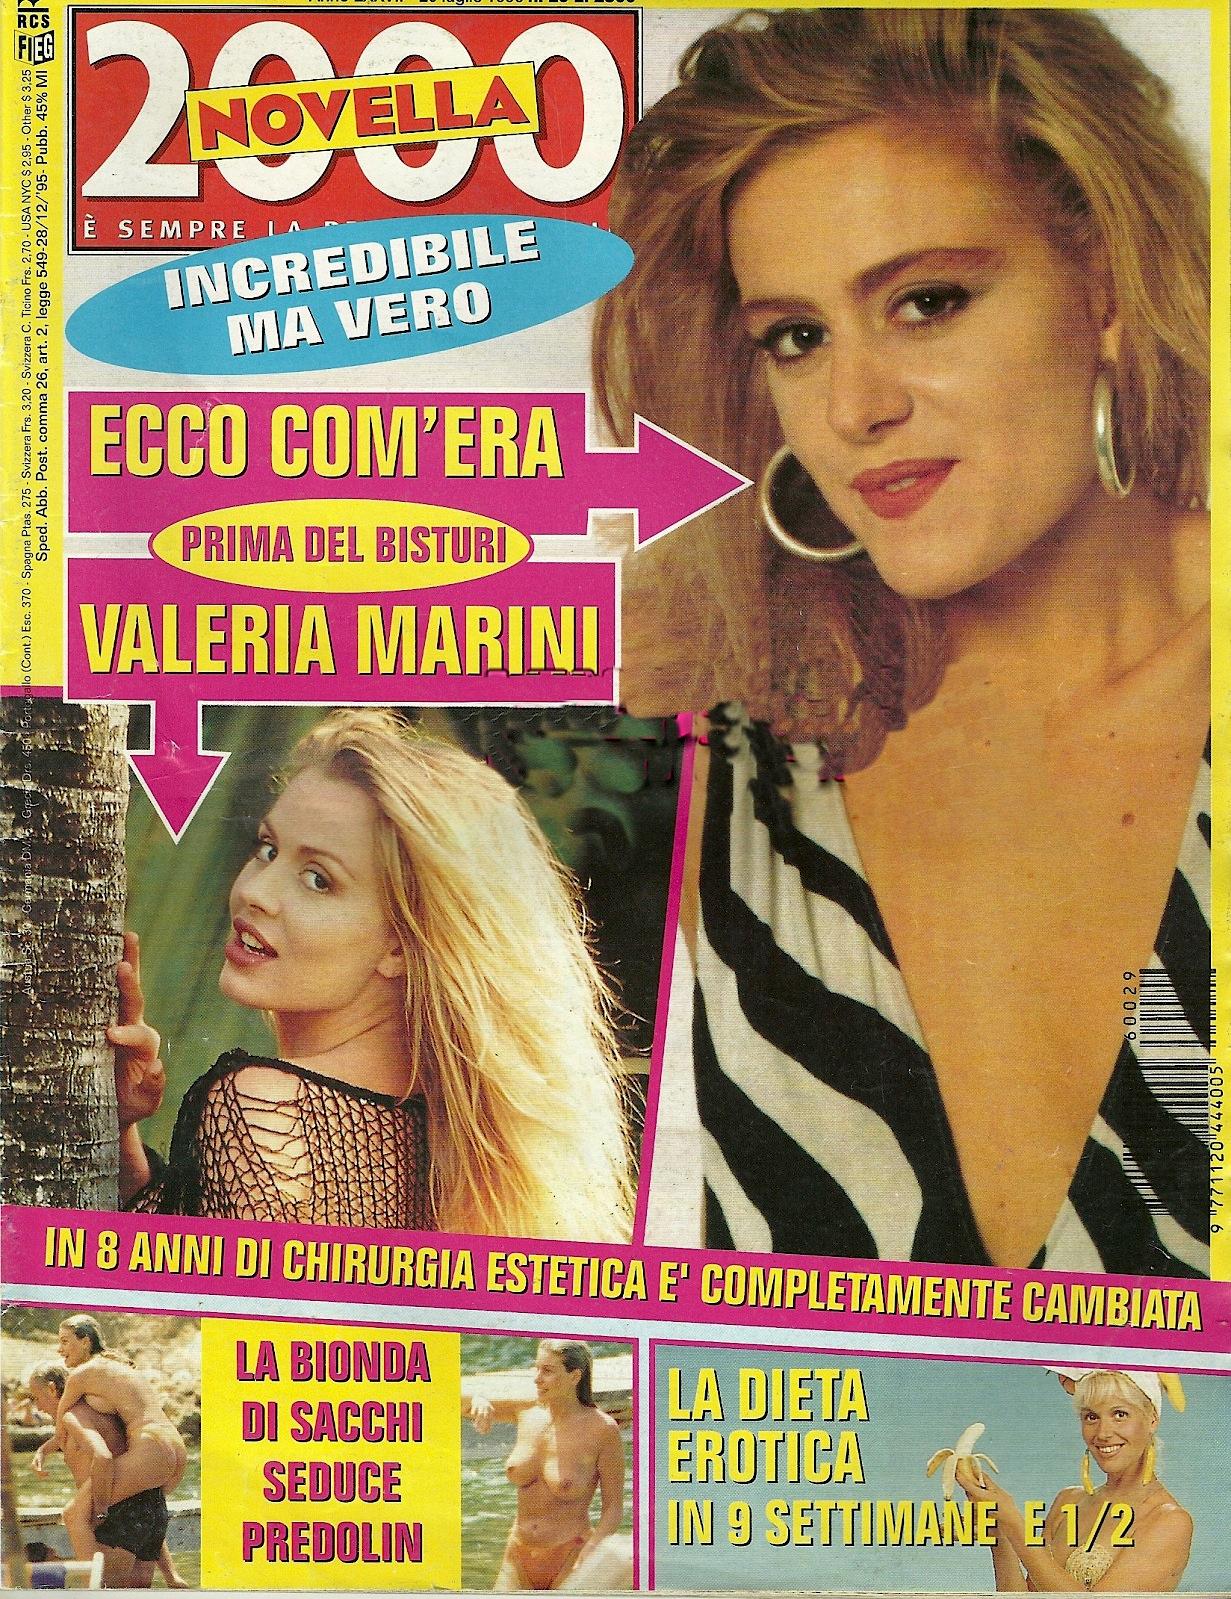 Calendario Valeria Marini.Valeria Marini Come Era Da Giovane Qui Con Oltre 15